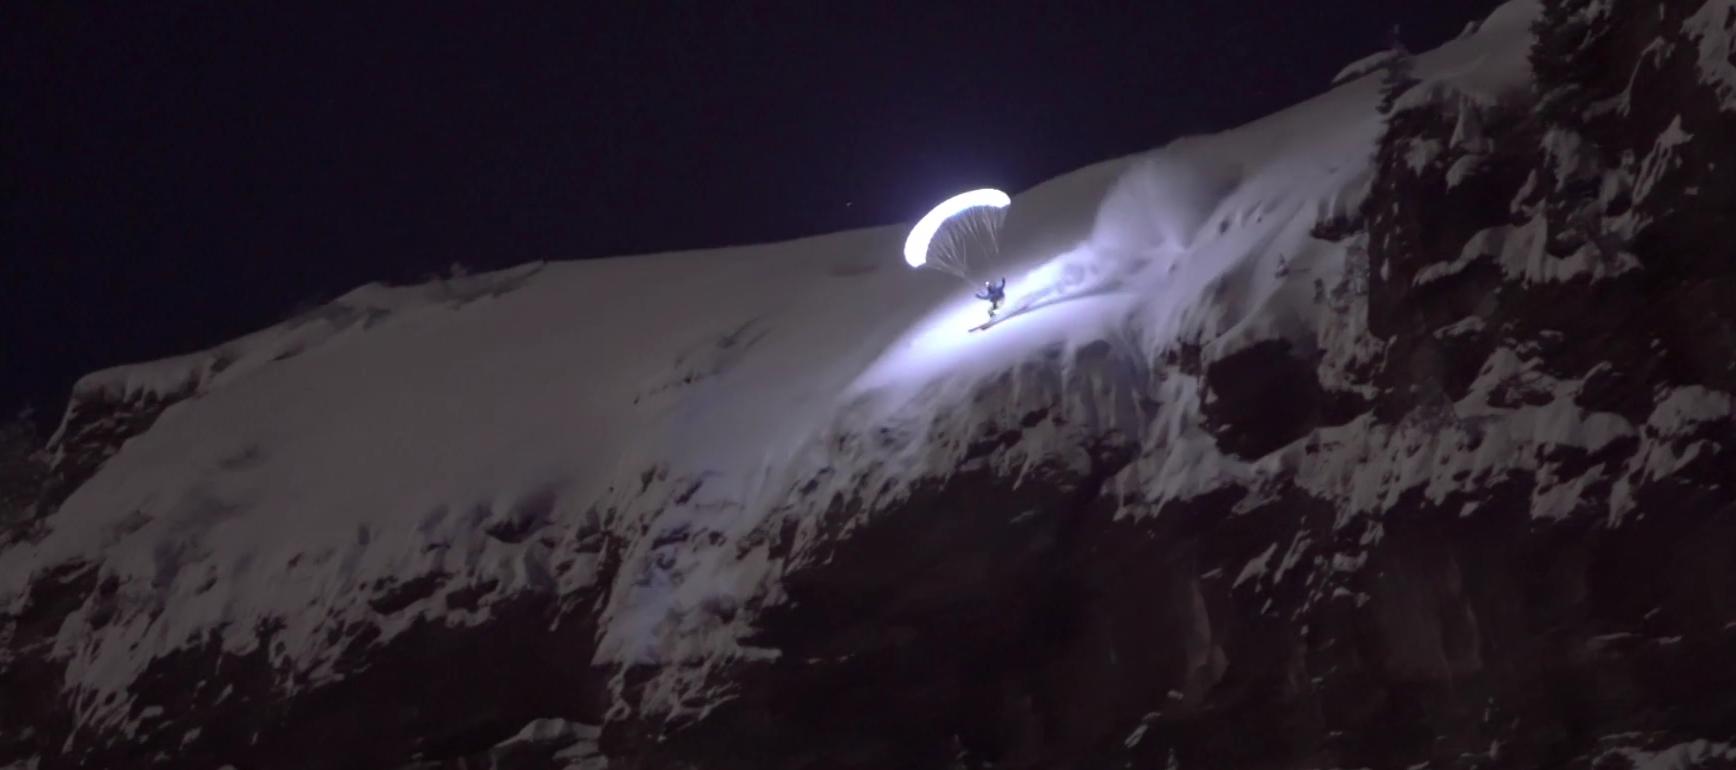 ski parachute.jpg